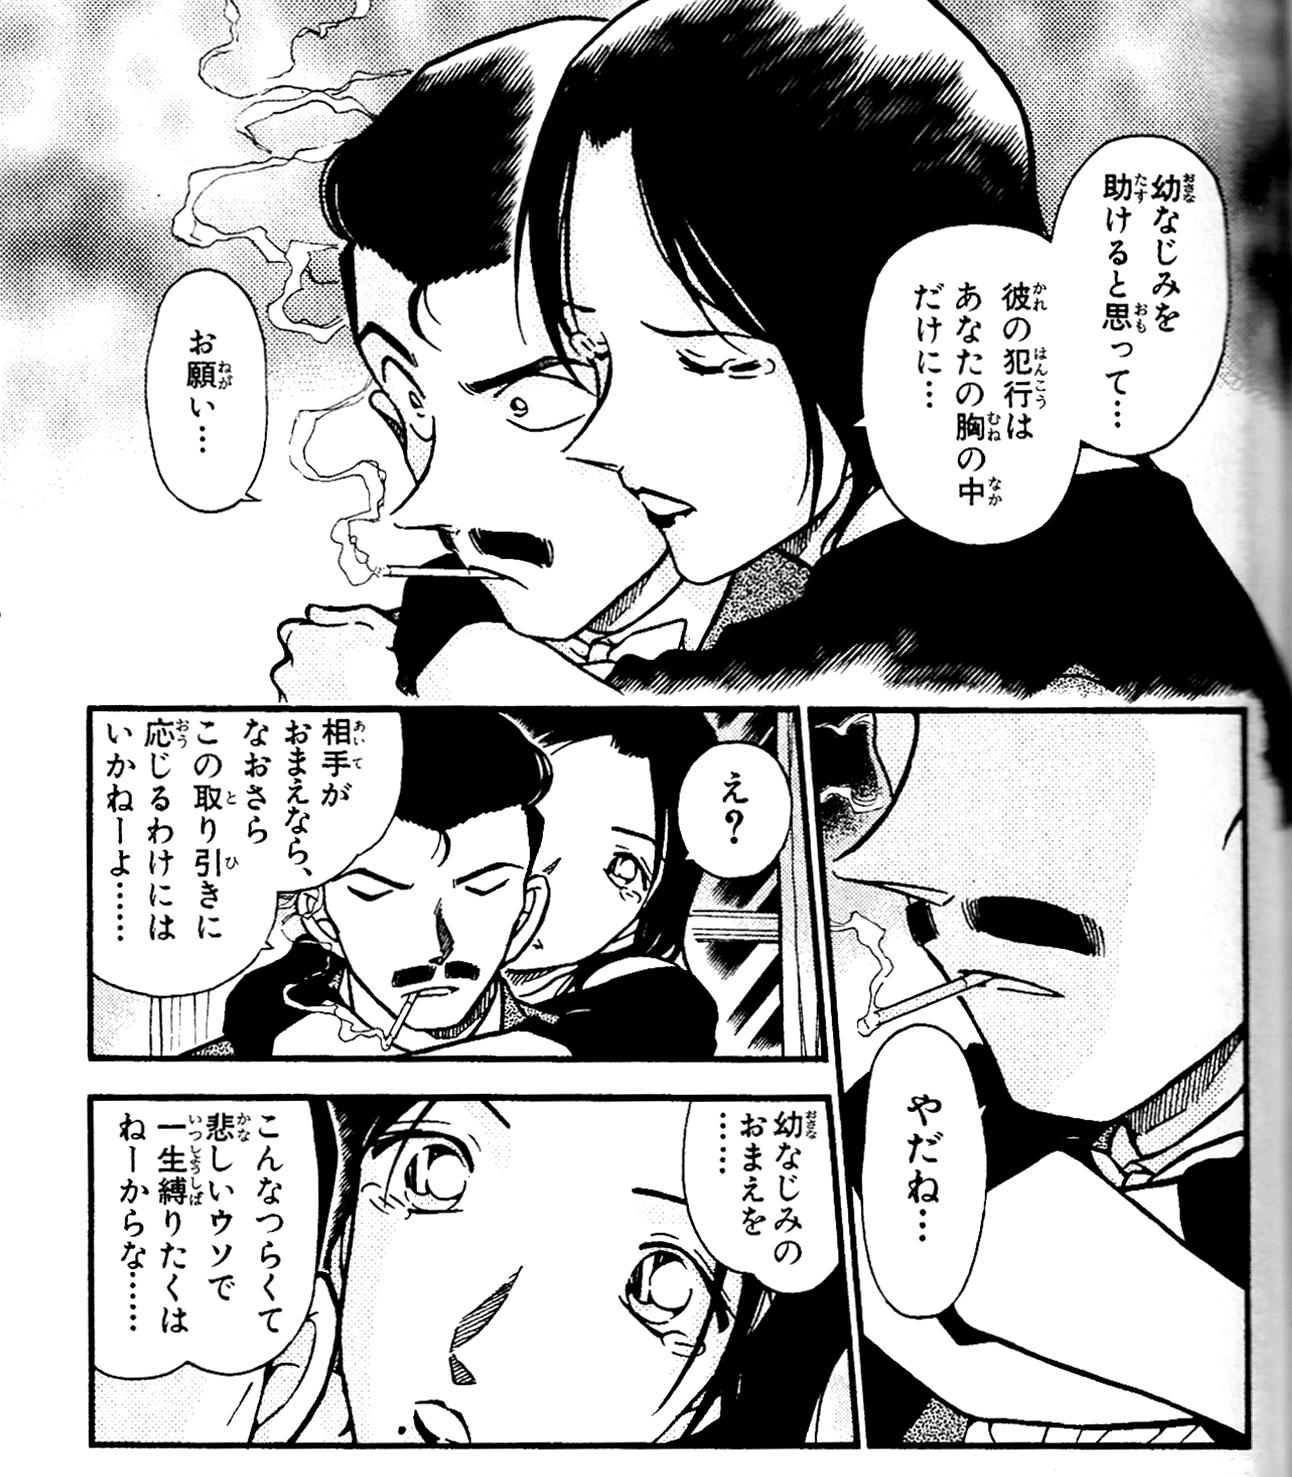 毛利小五郎の名言がかっこいいエピソード第1位:「見えない容疑者」